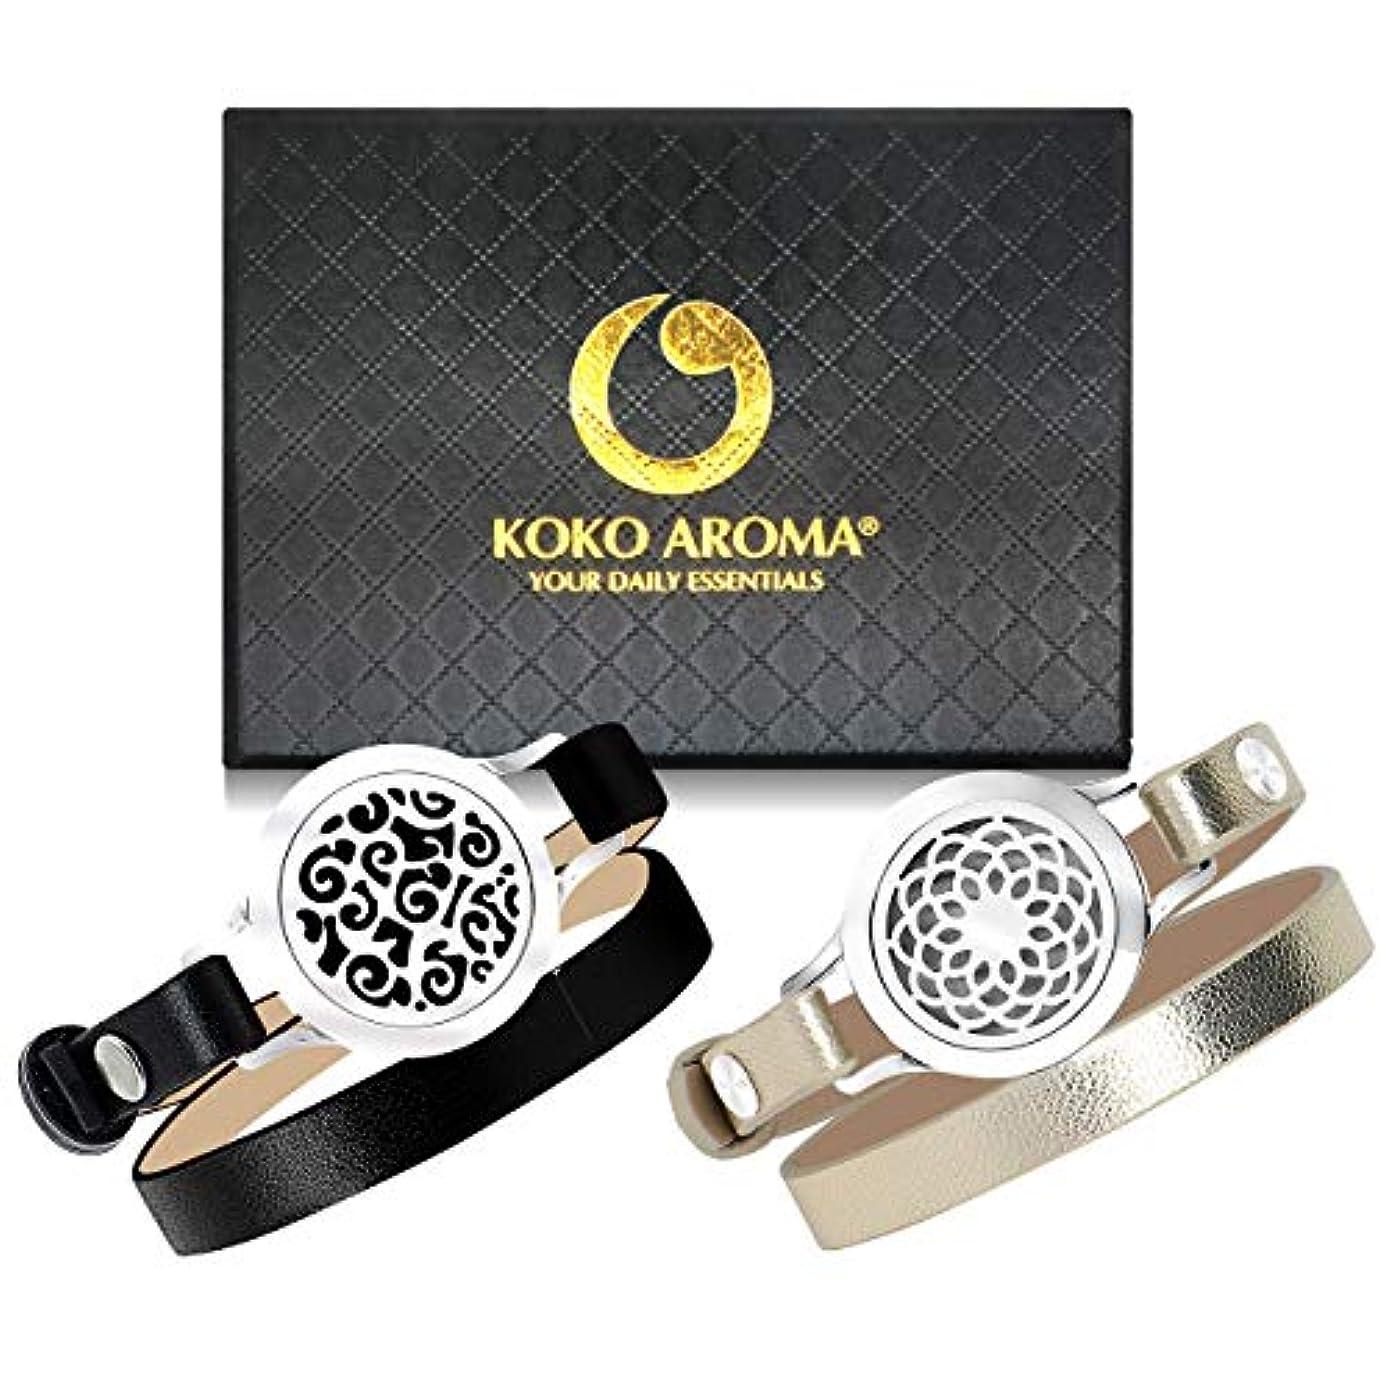 武装解除知覚的インクKOKO AROMA Essential Oil Diffuser Bracelets 2pcs: Stainless Steel Aromatherapy Bangle or Leather Jewelry Woman...